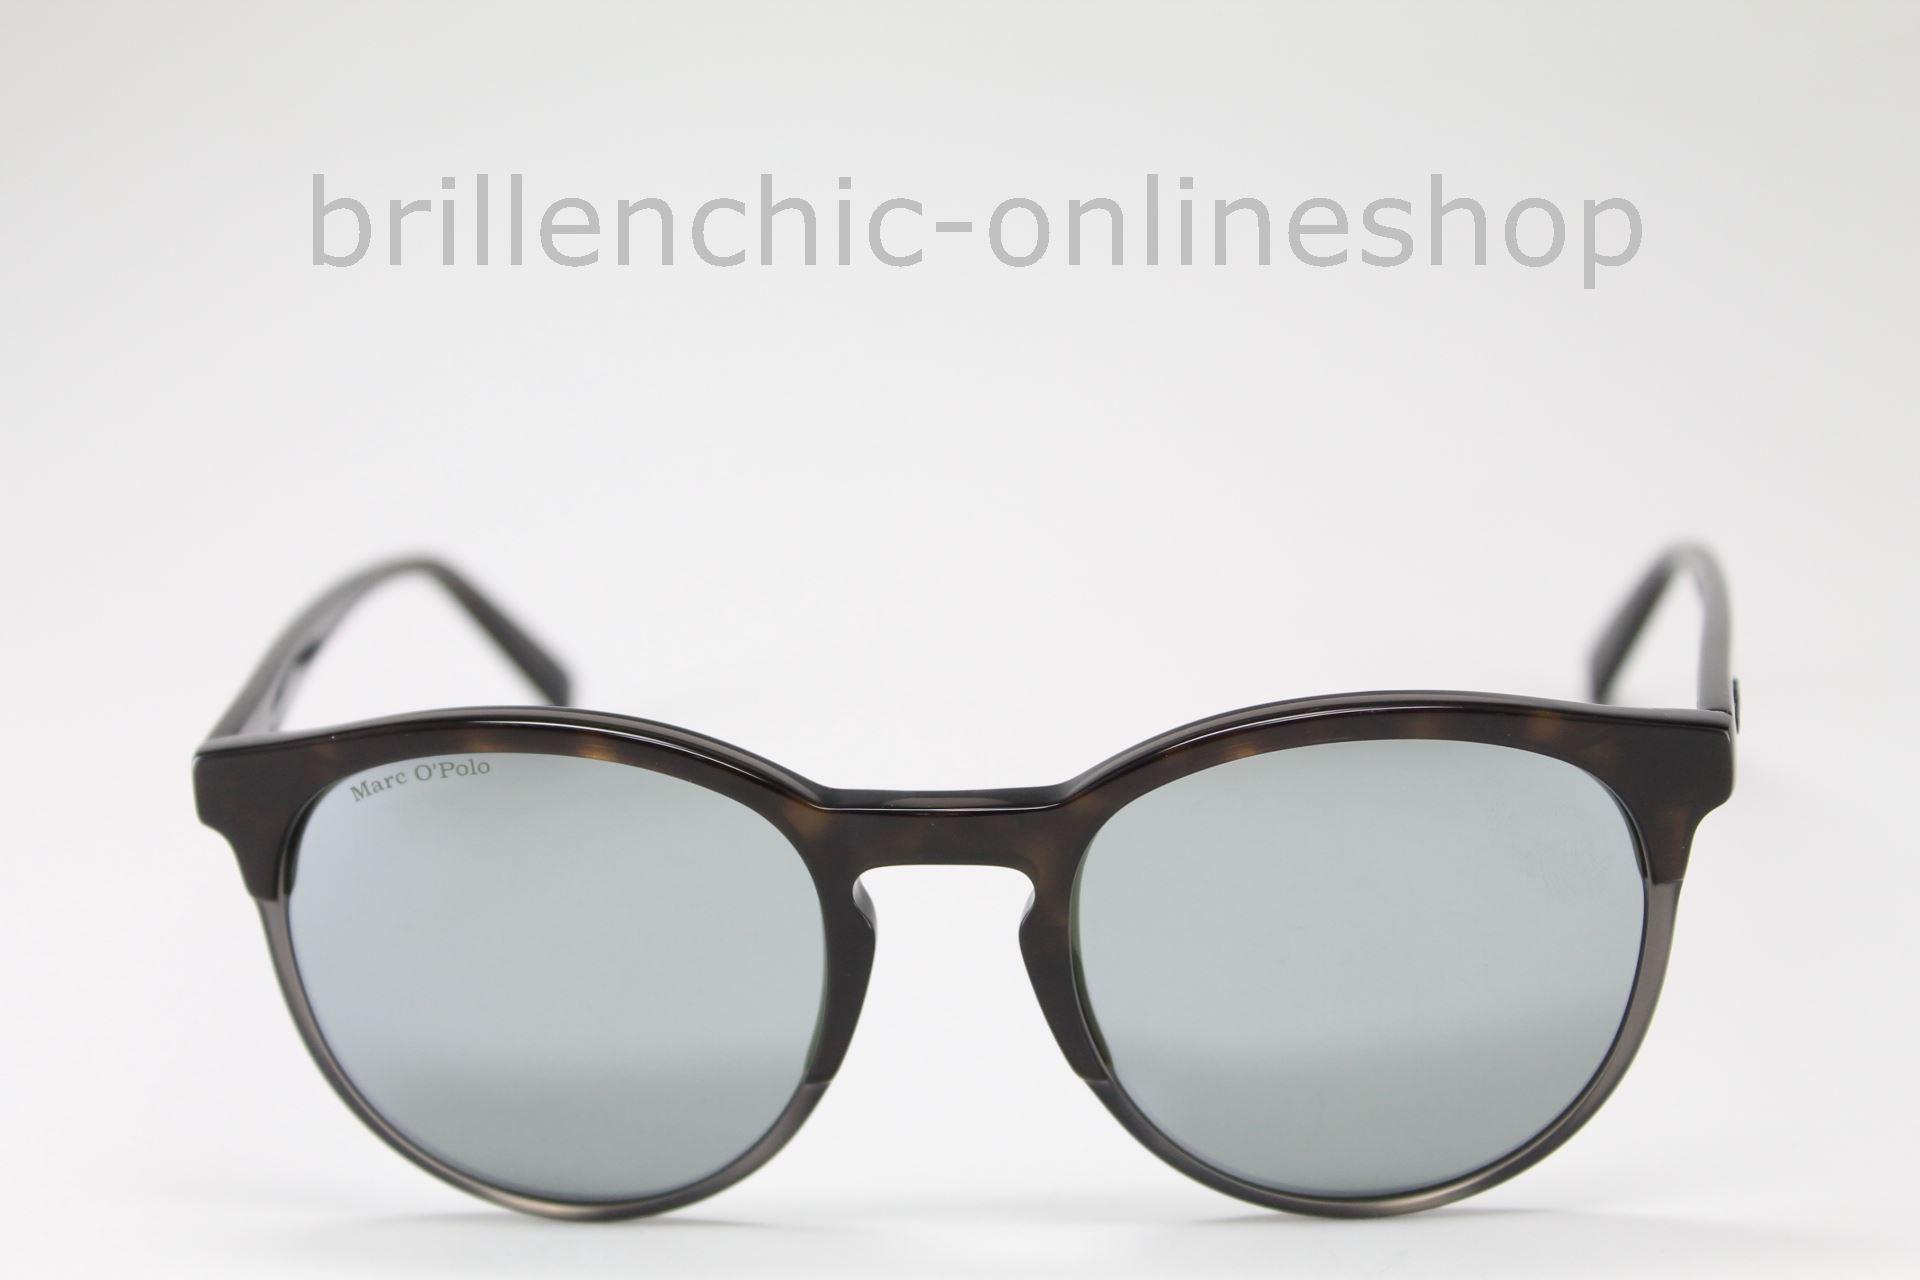 Marc O'Polo 506136-Braun UpSxnKZZnm